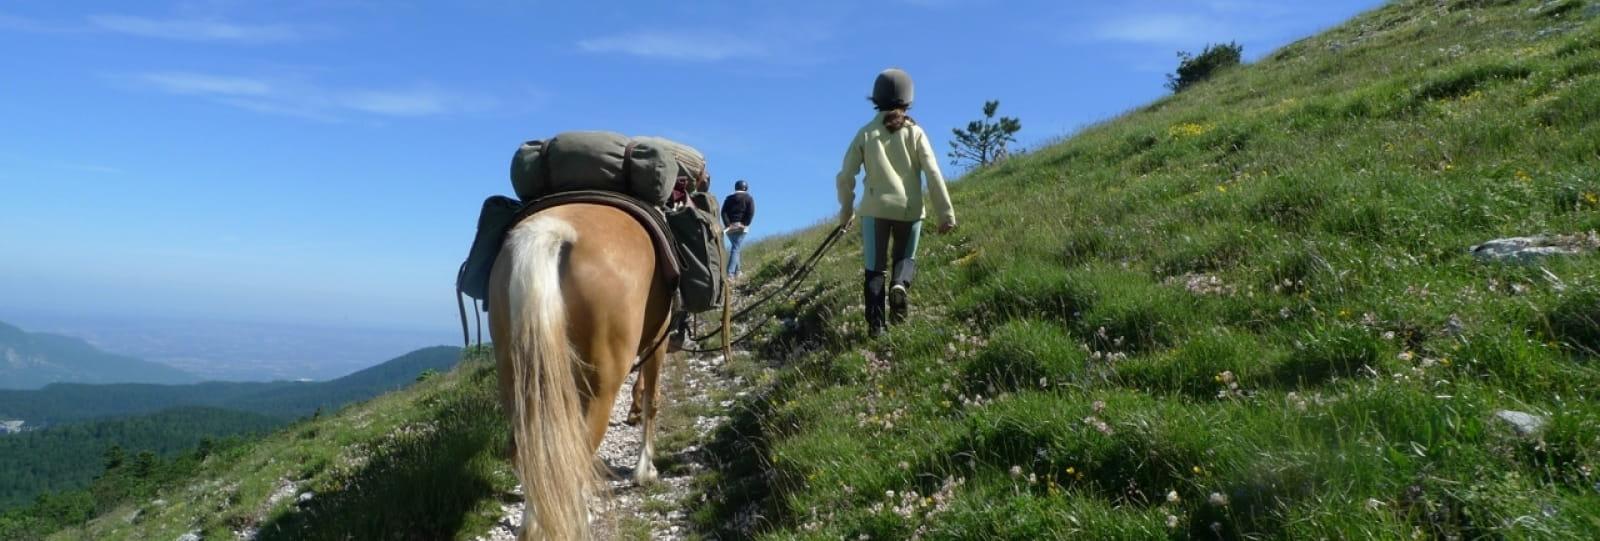 Equitation au Camp de Noëlle